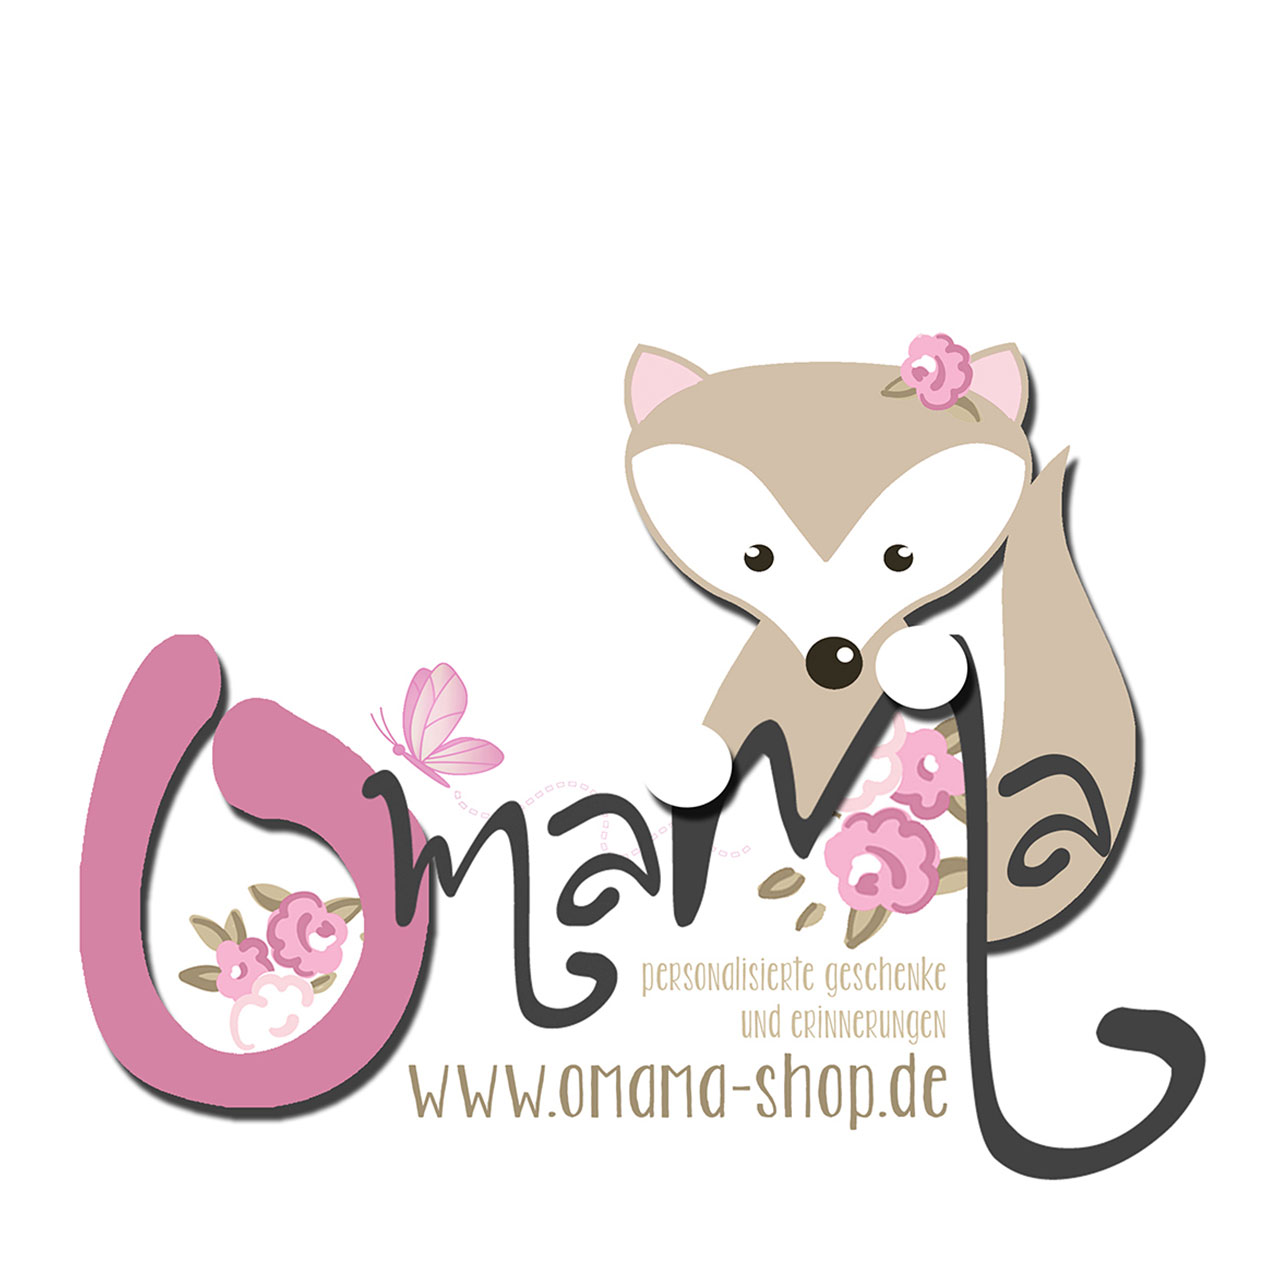 omaMa-Shop